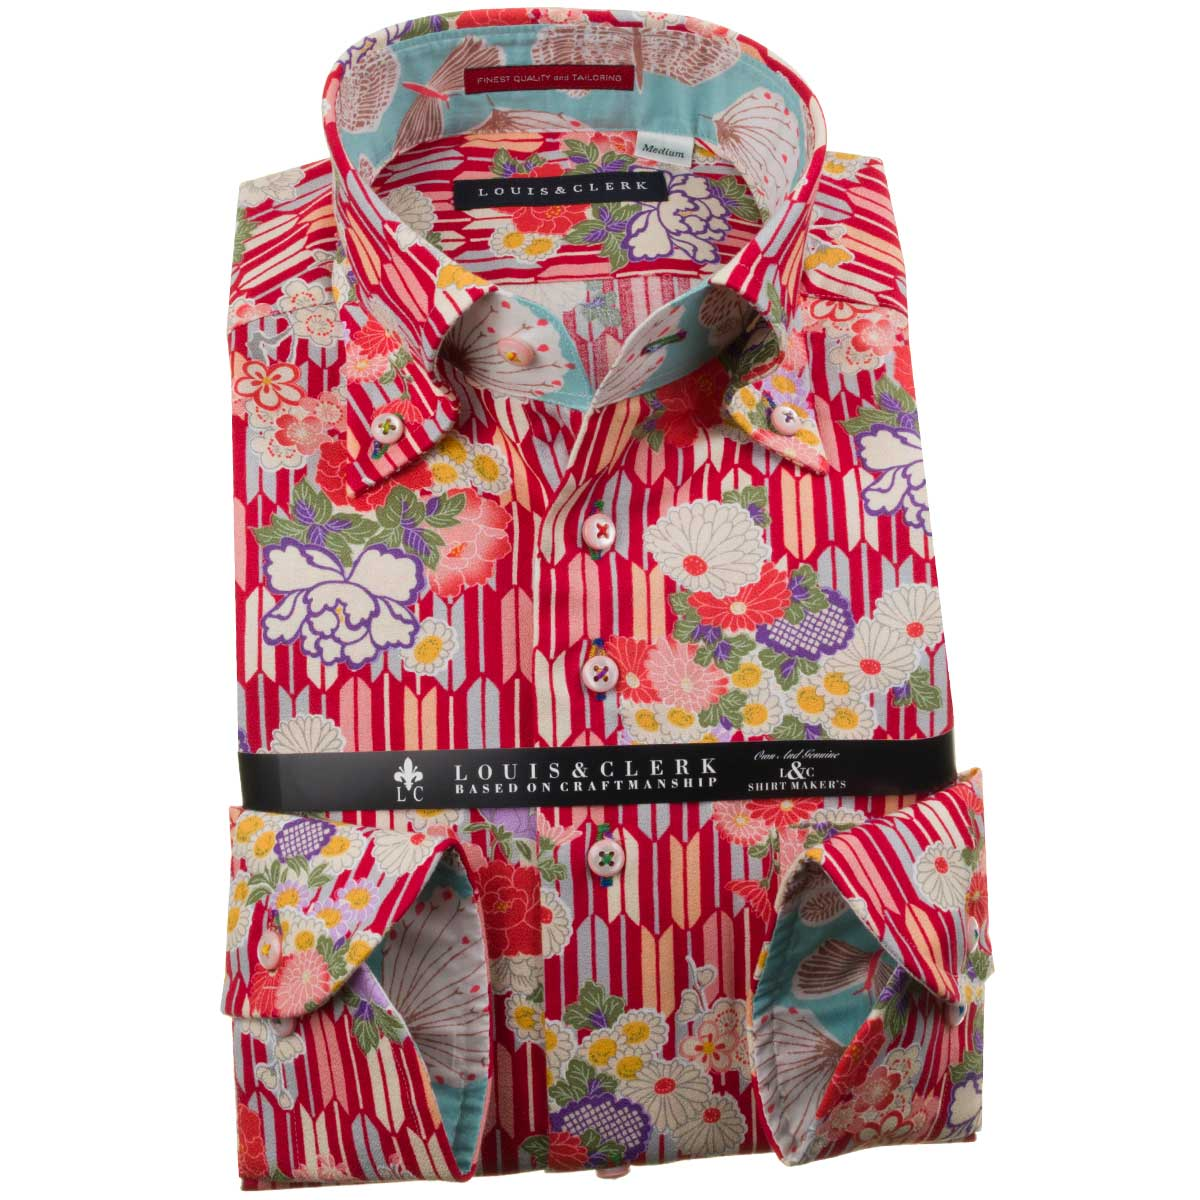 国産長袖純綿ドレスシャツ コンフォート ボタンダウン ちりめん 縮緬 赤 プリント 矢絣 やがすり 矢羽 菊 1910メンズ fs3gm